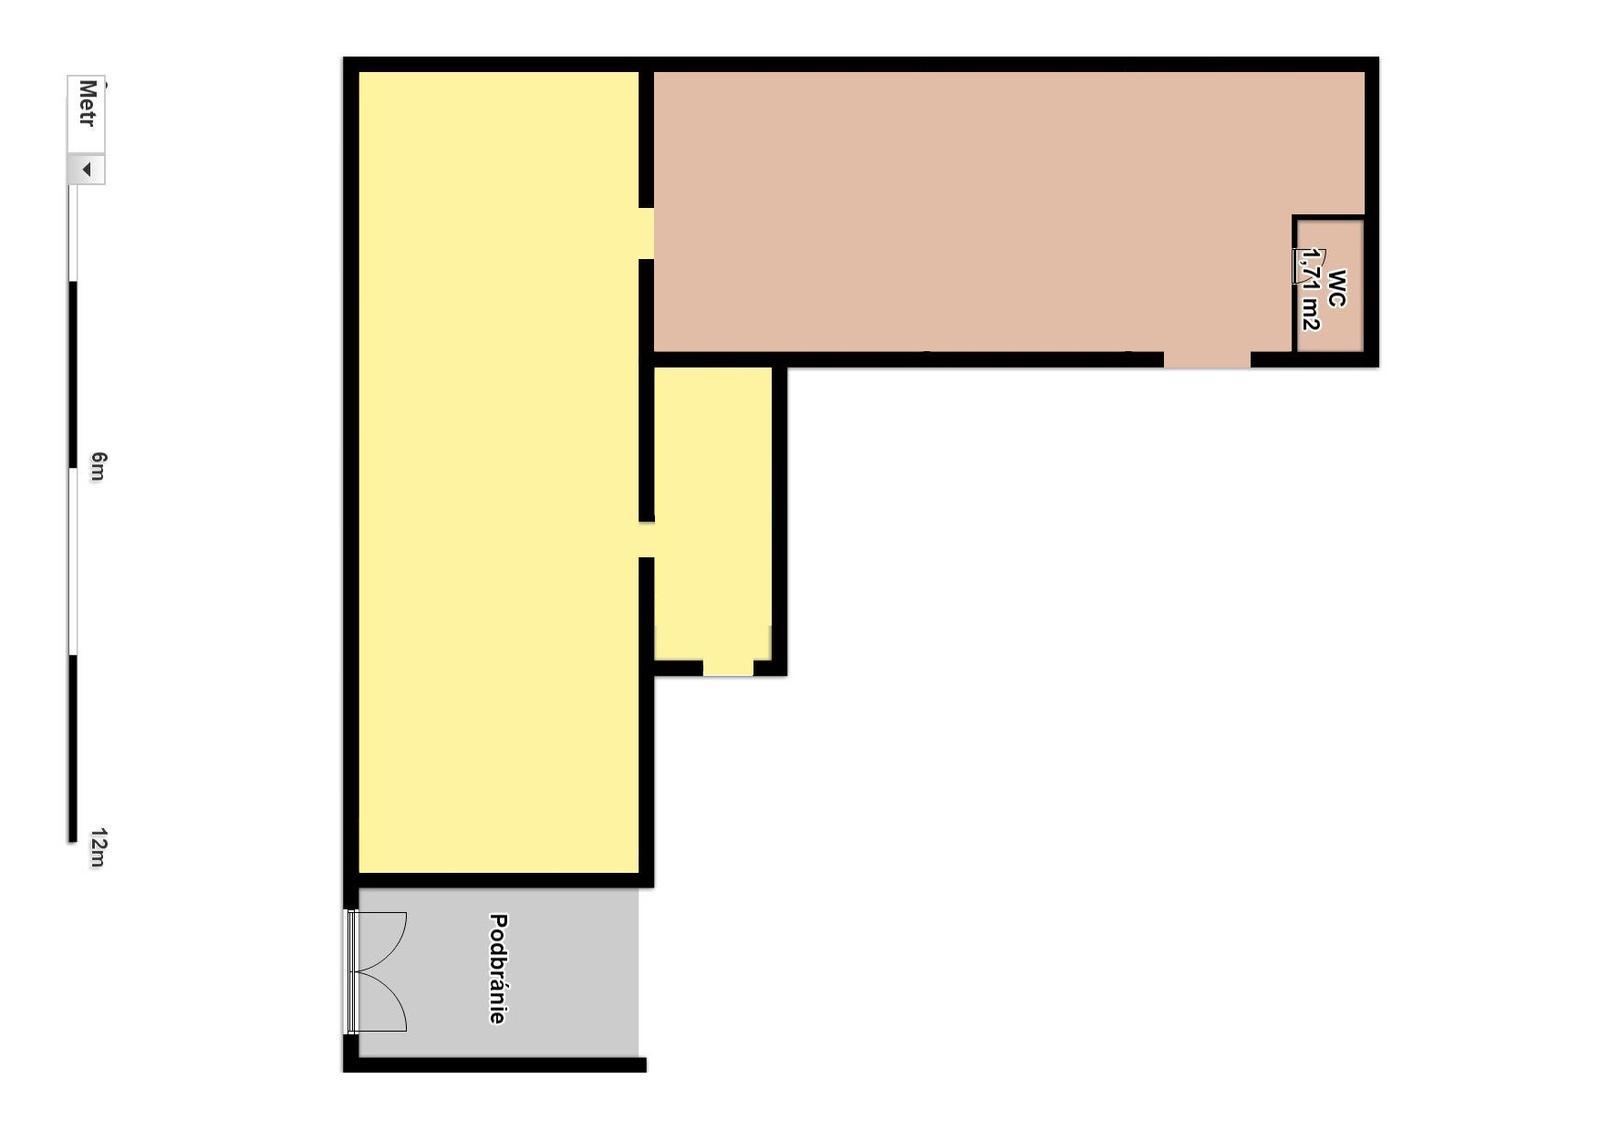 Náš budúci domov - rekonštrukcia rodinného domu - Aktuálny stav - priečky zbúrané, ešte zostalo WC, to na koniec :)